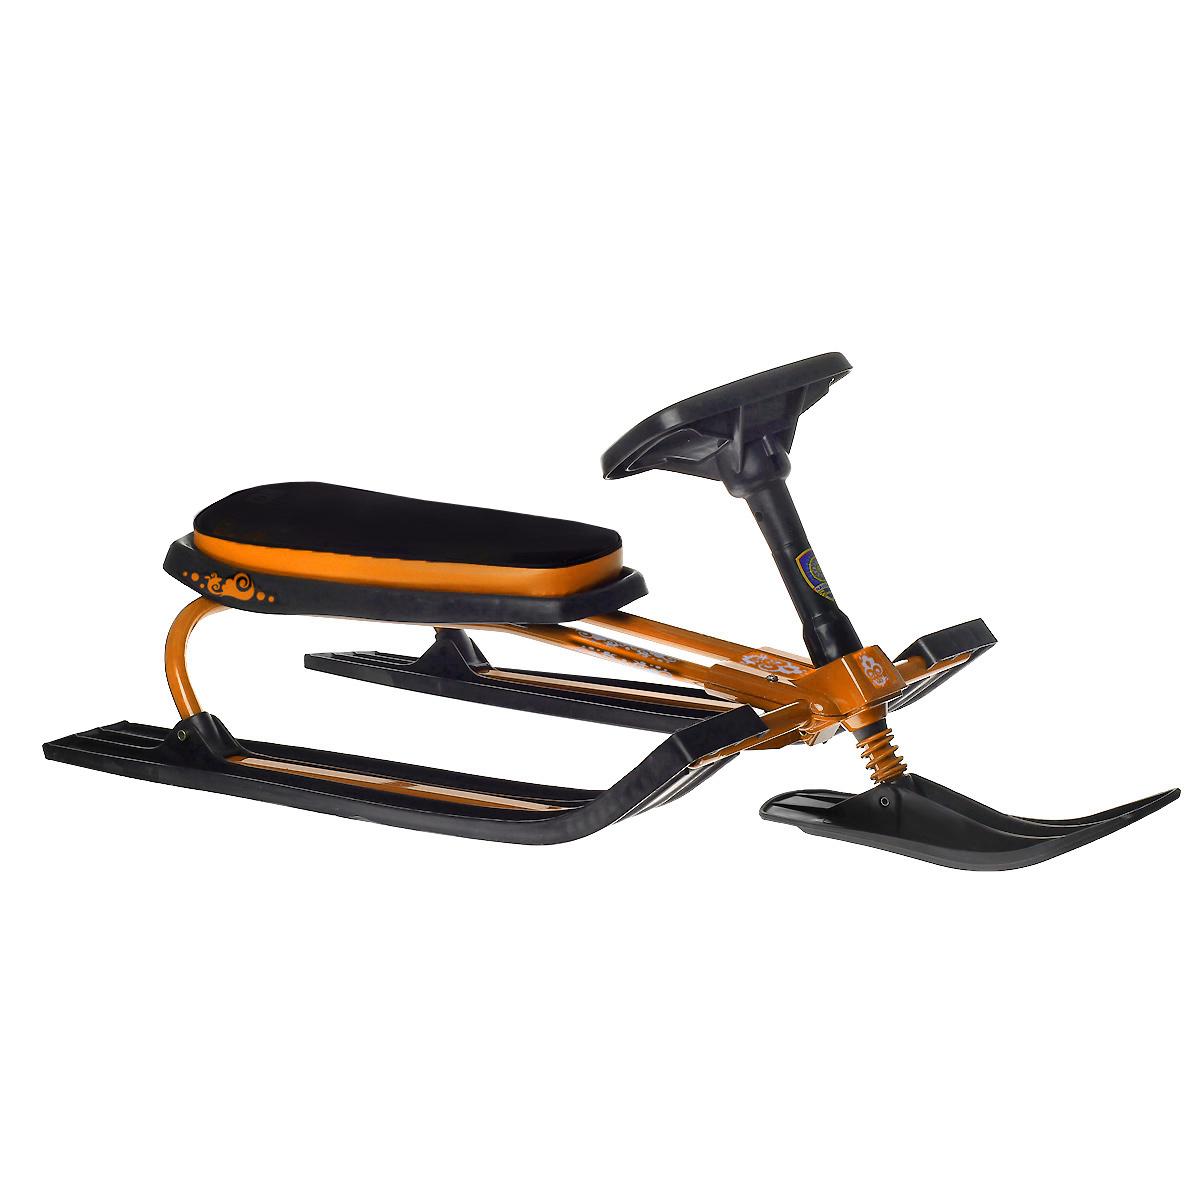 Снегокат Navigator Trike, с гудком, цвет: черно-оражневый